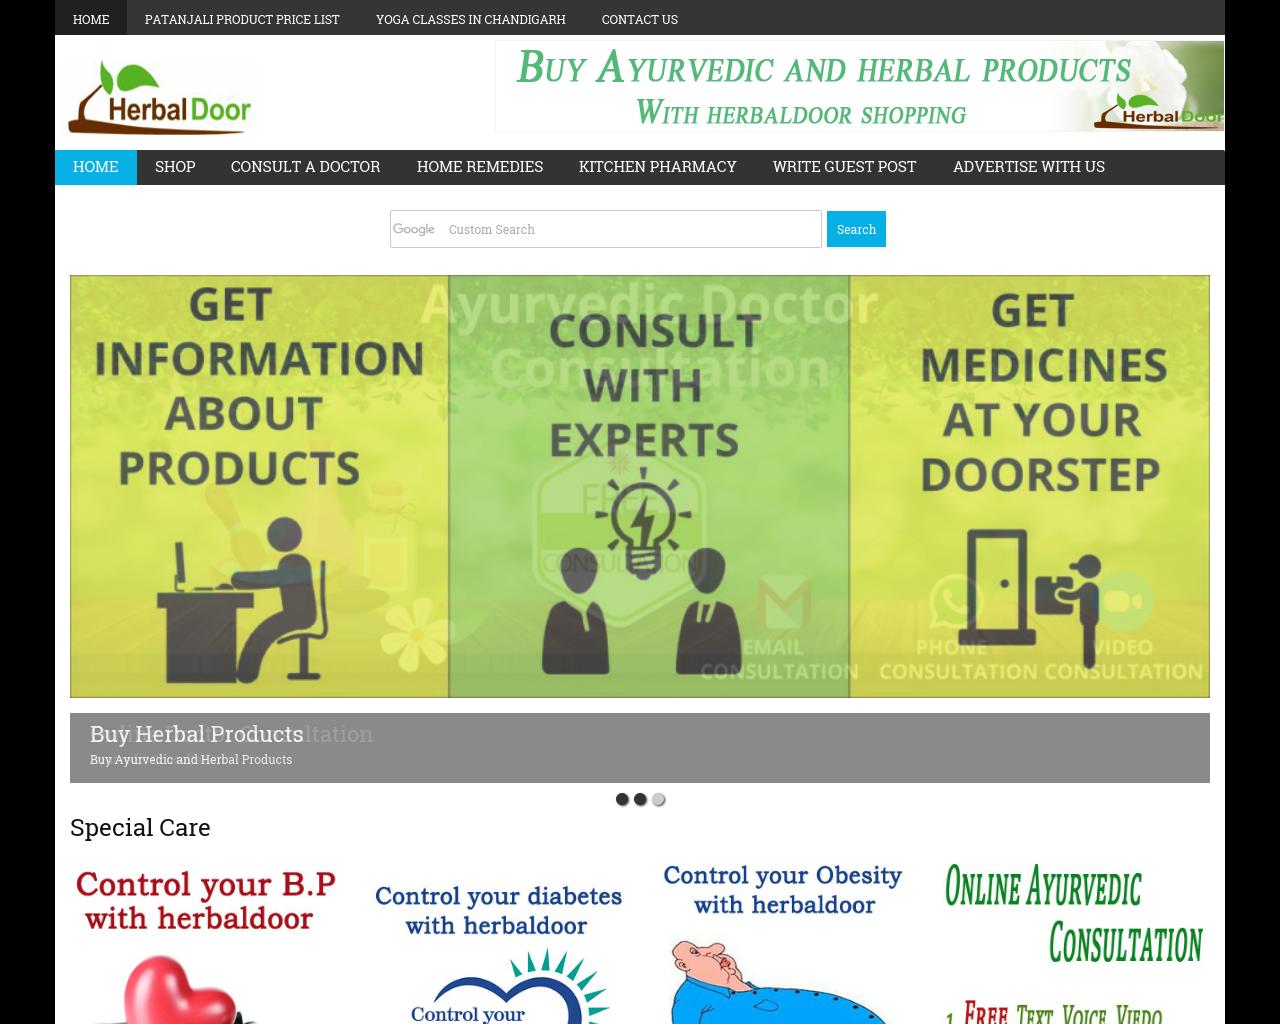 Herbal-Door-Advertising-Reviews-Pricing